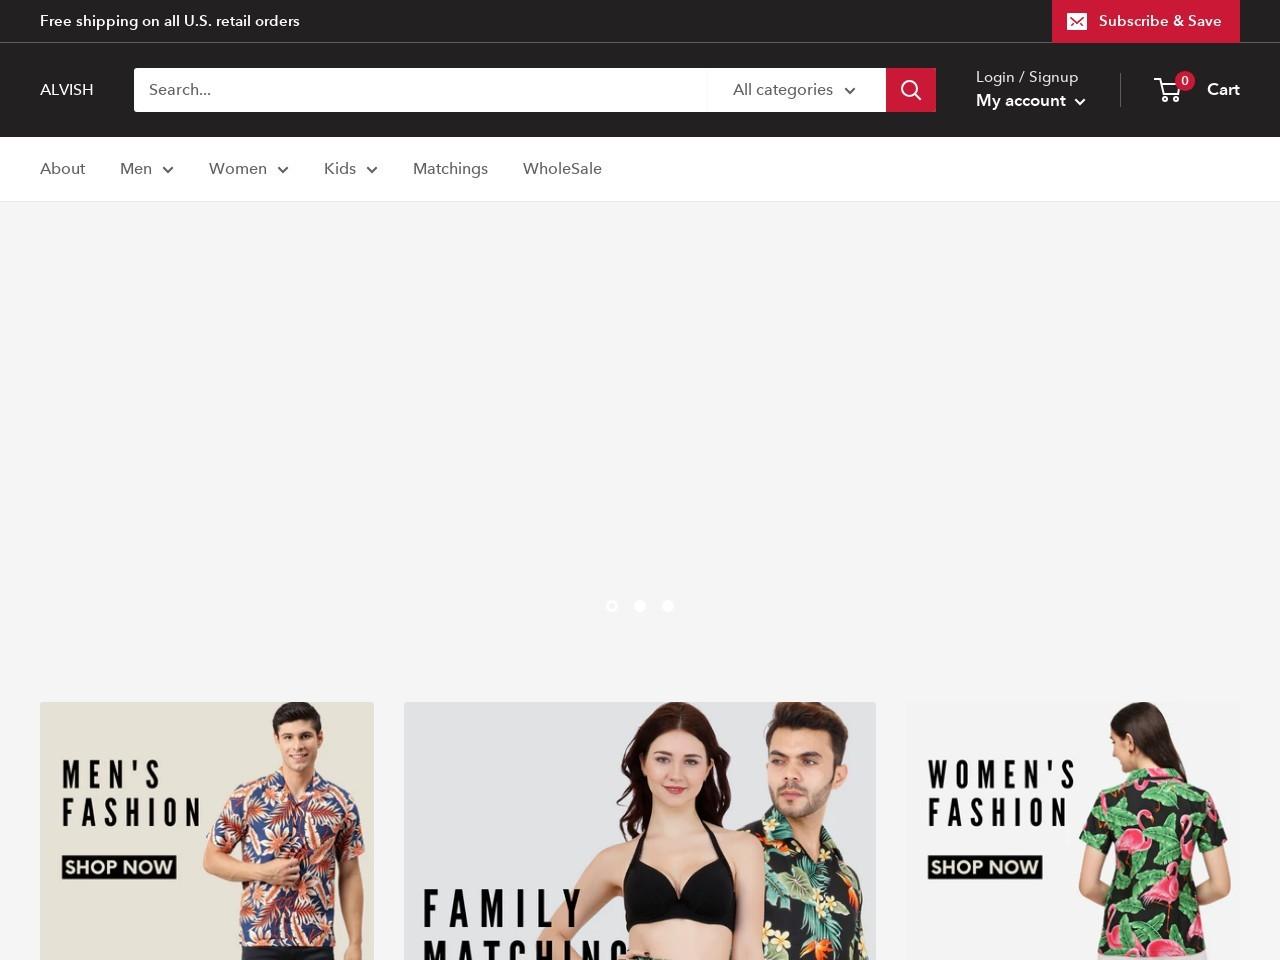 alvish.com